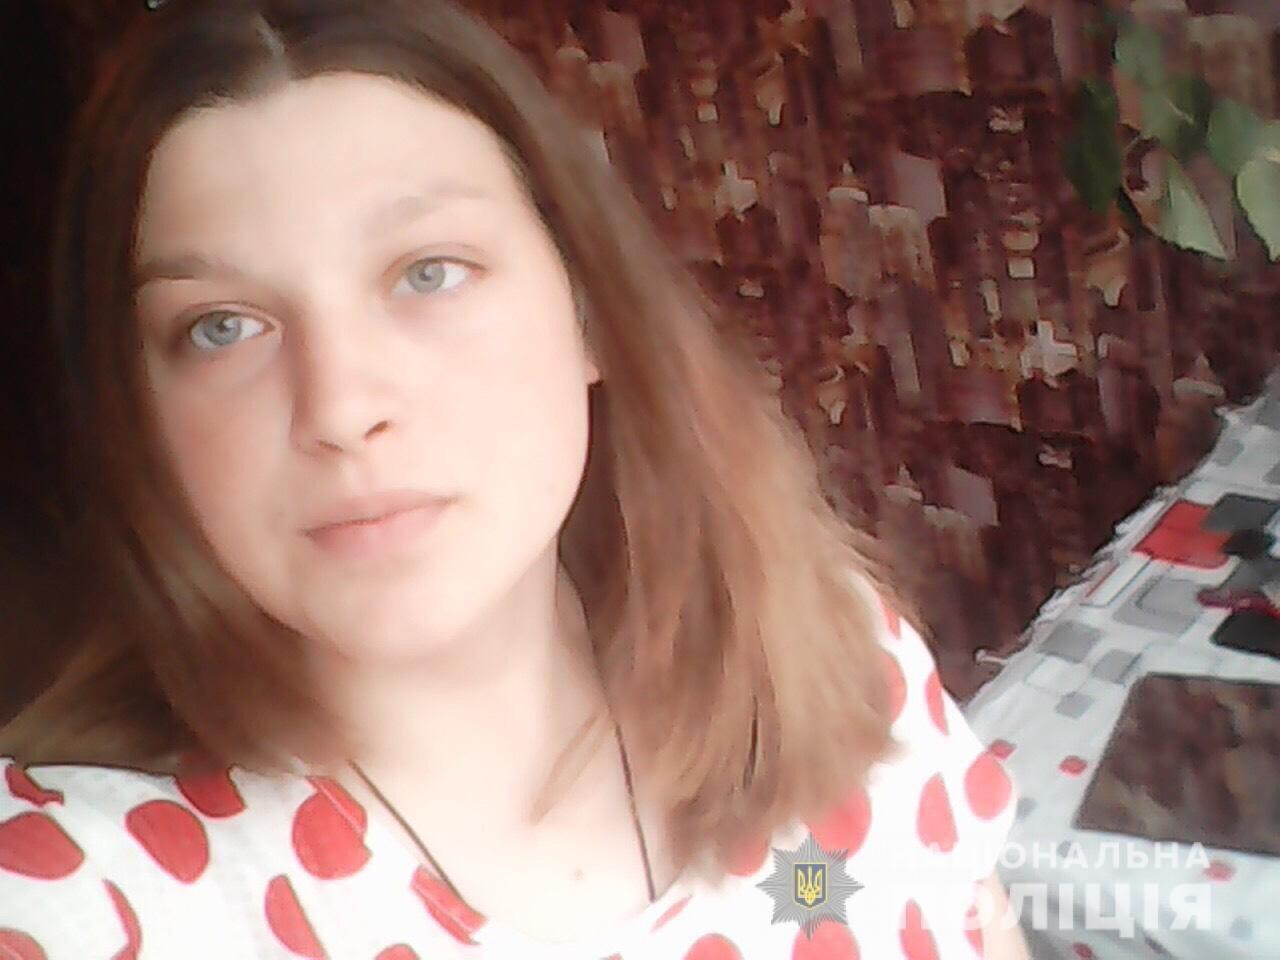 Харьковские «копы» просят помощи в розыске 15-летней девушки, - ФОТО, фото-1